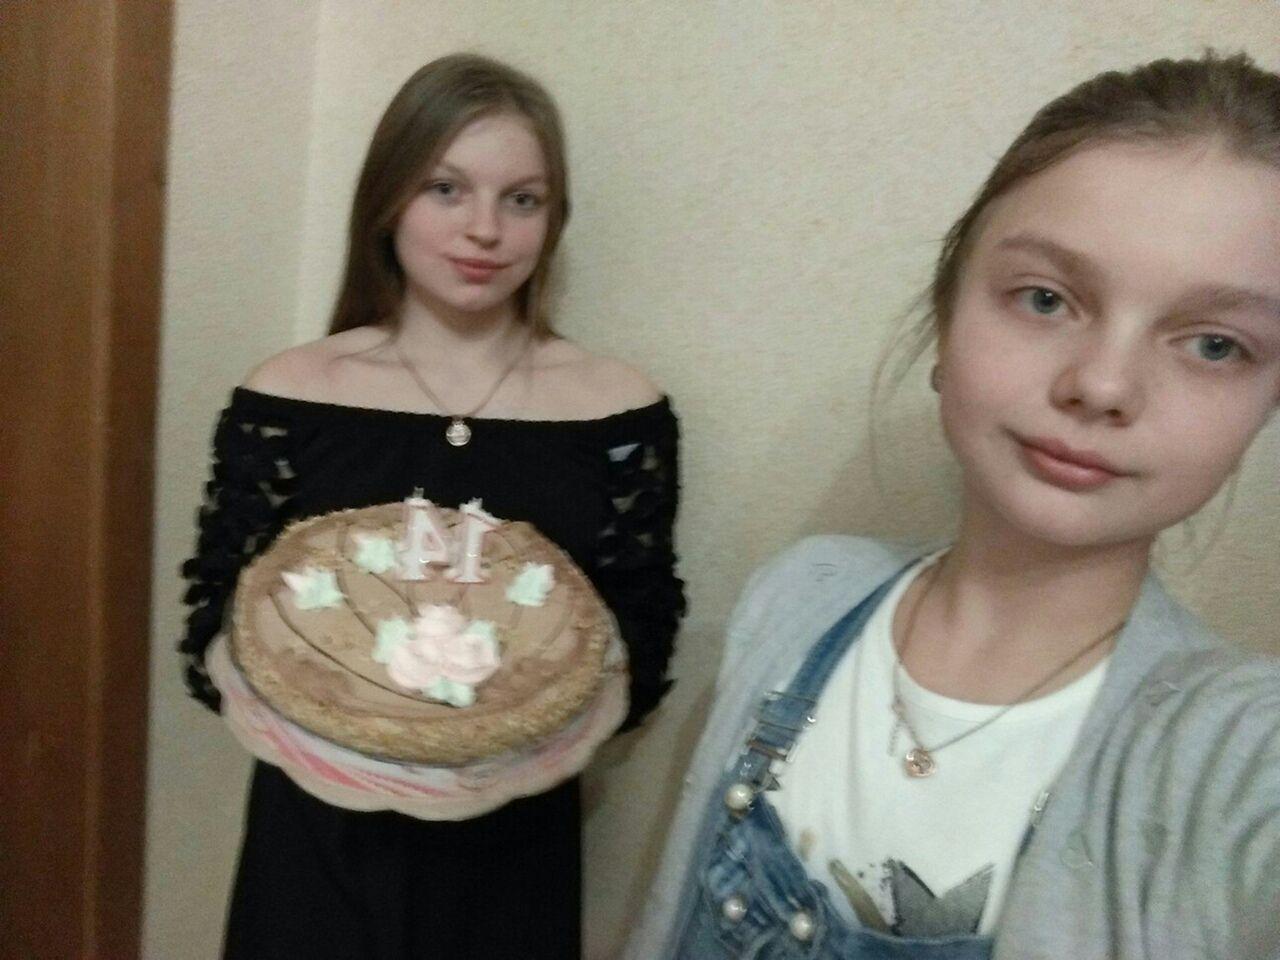 Надя Довжинська (на передньому плані) загинула, її двоюрідна сестра Христина Олексовська в лікарні.